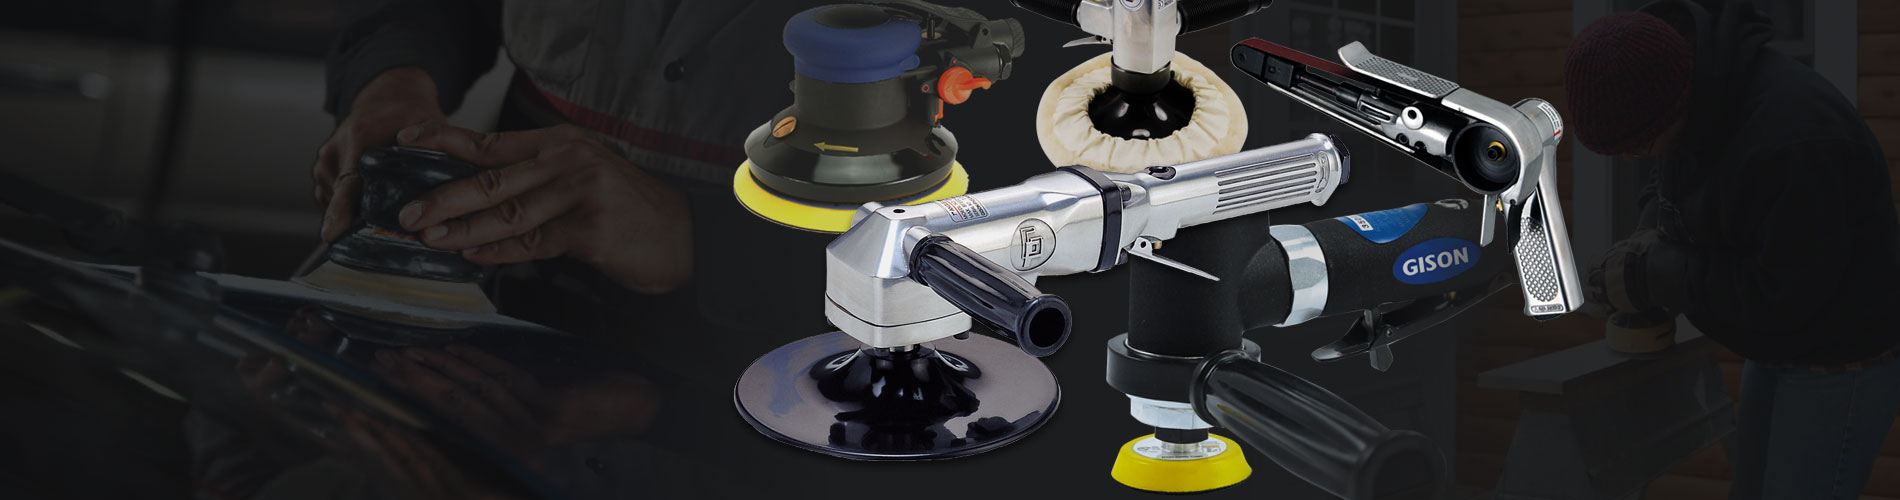 研磨用氣動工具 金屬、木材、汽車表面 砂光、研磨與拋光專用